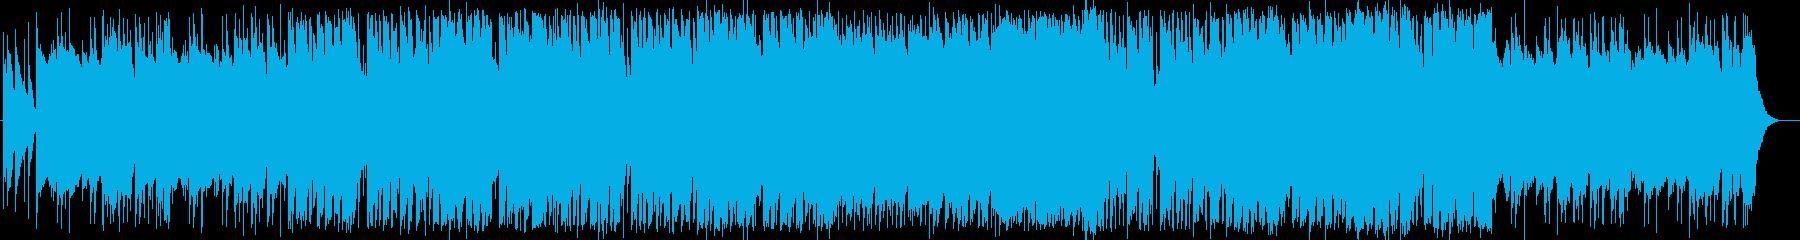 ロックな「たなばたさま」童謡カバーの再生済みの波形